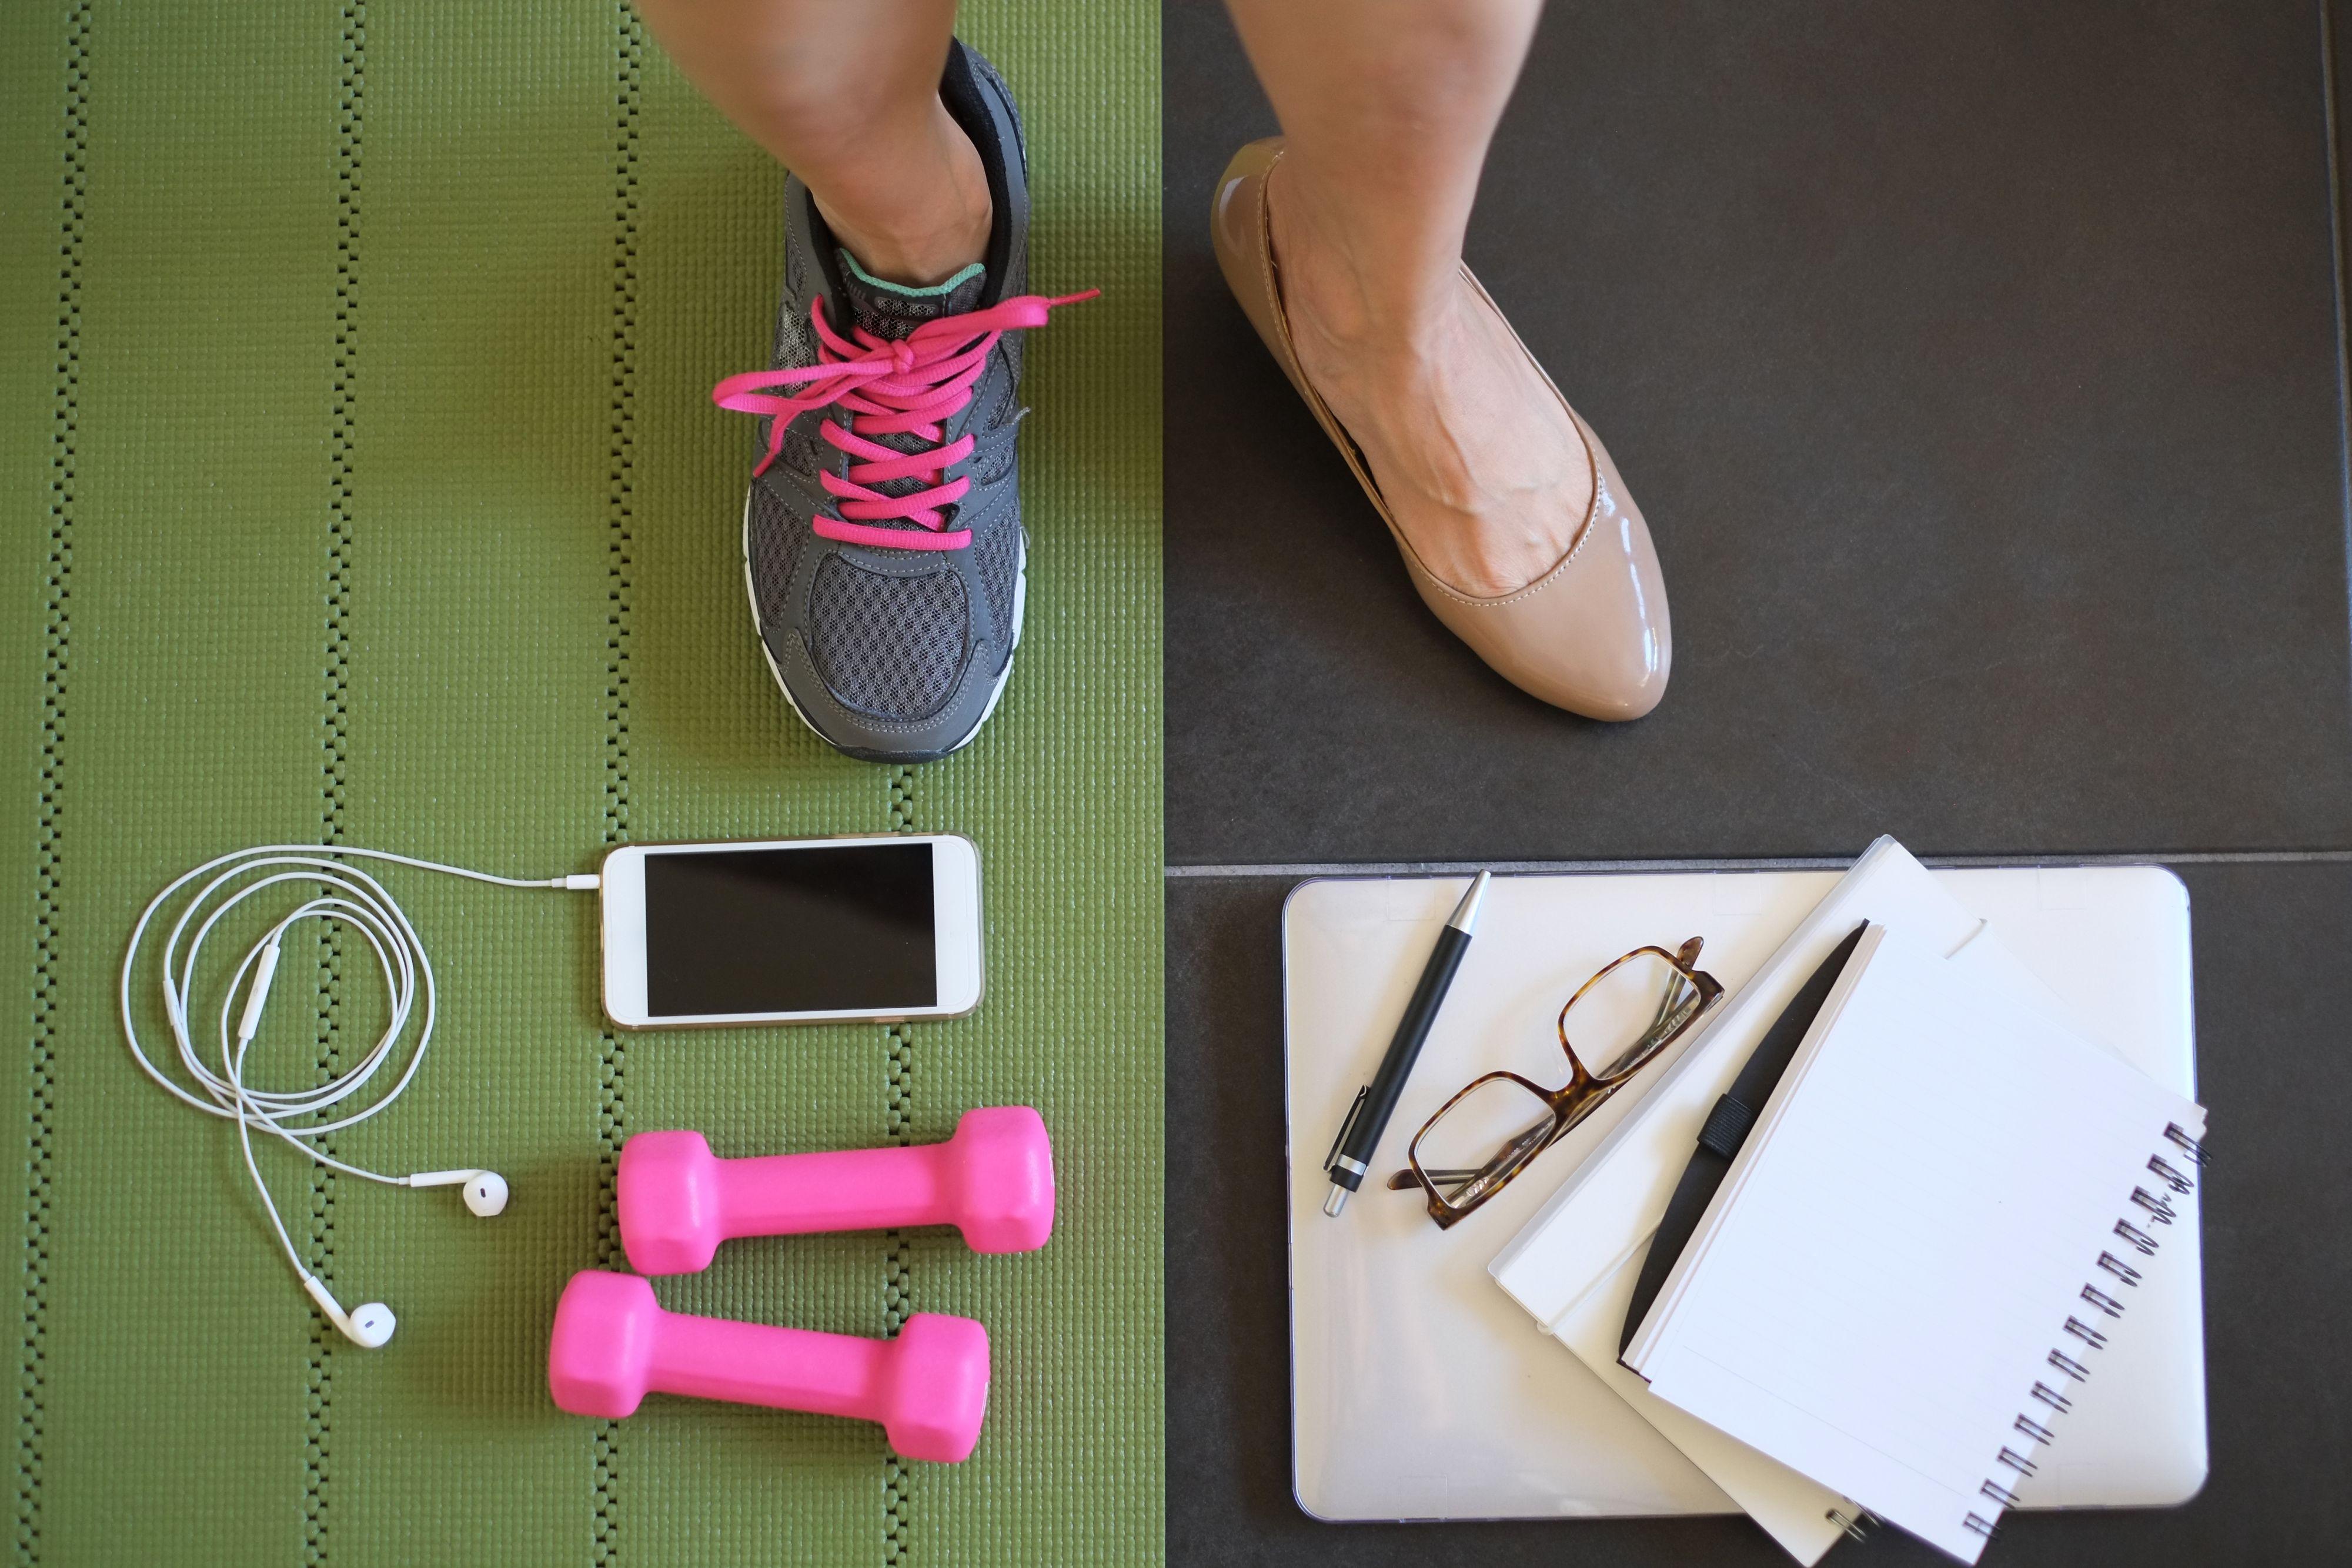 Pracownicy nie potrafią wypoczywać, dlatego nie mają energii, by wykonywać obowiązki w pracy. (Fot. Shutterstock)